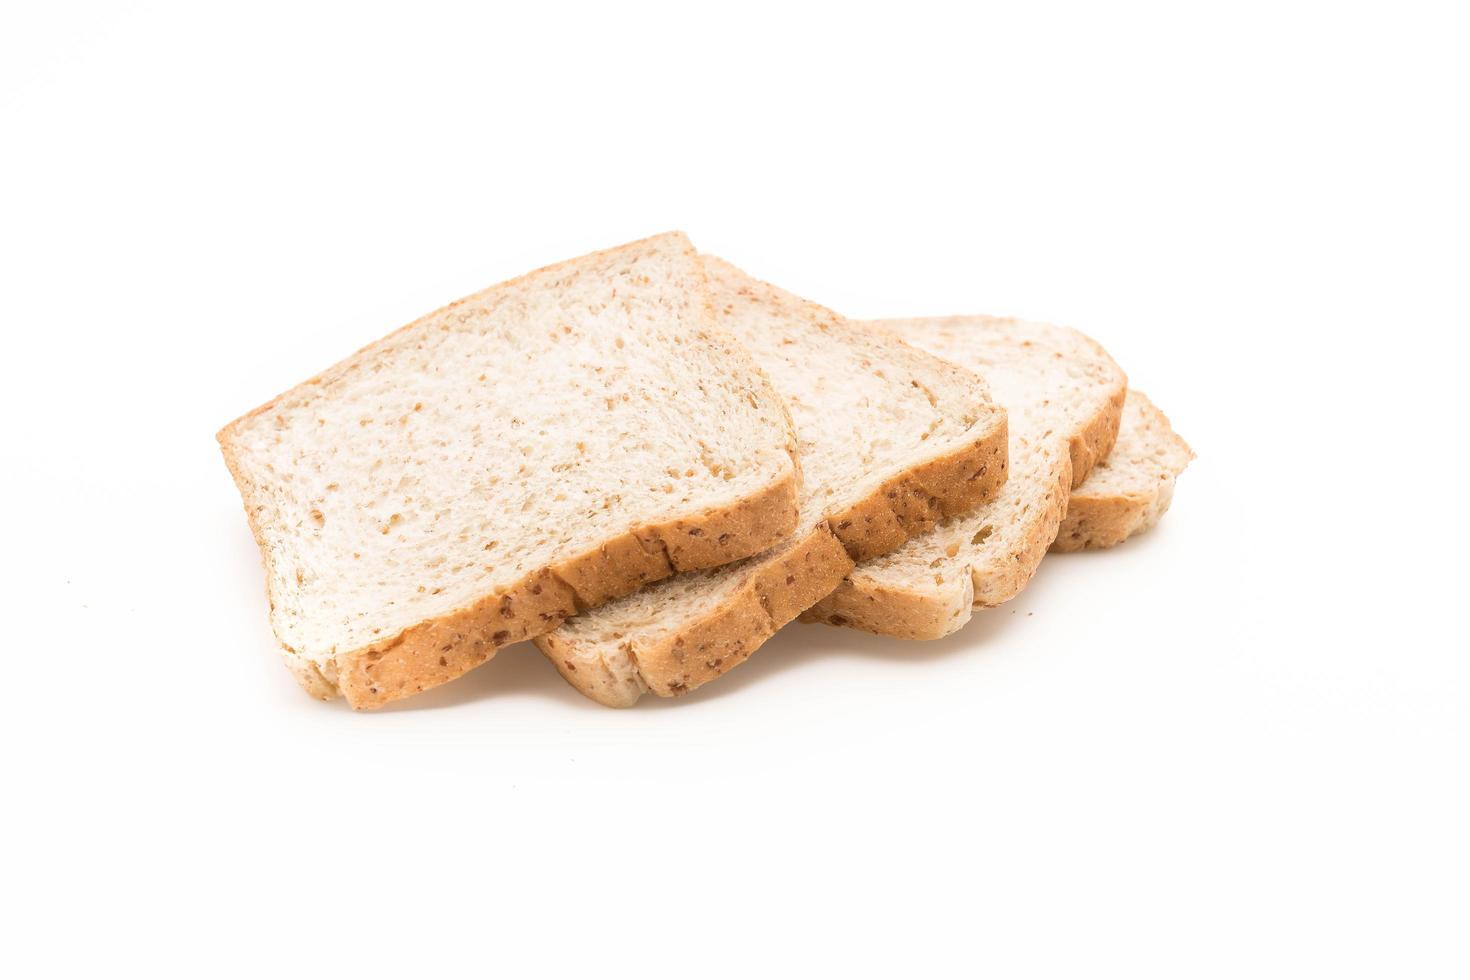 Brotscheiben auf weißem Hintergrund foto